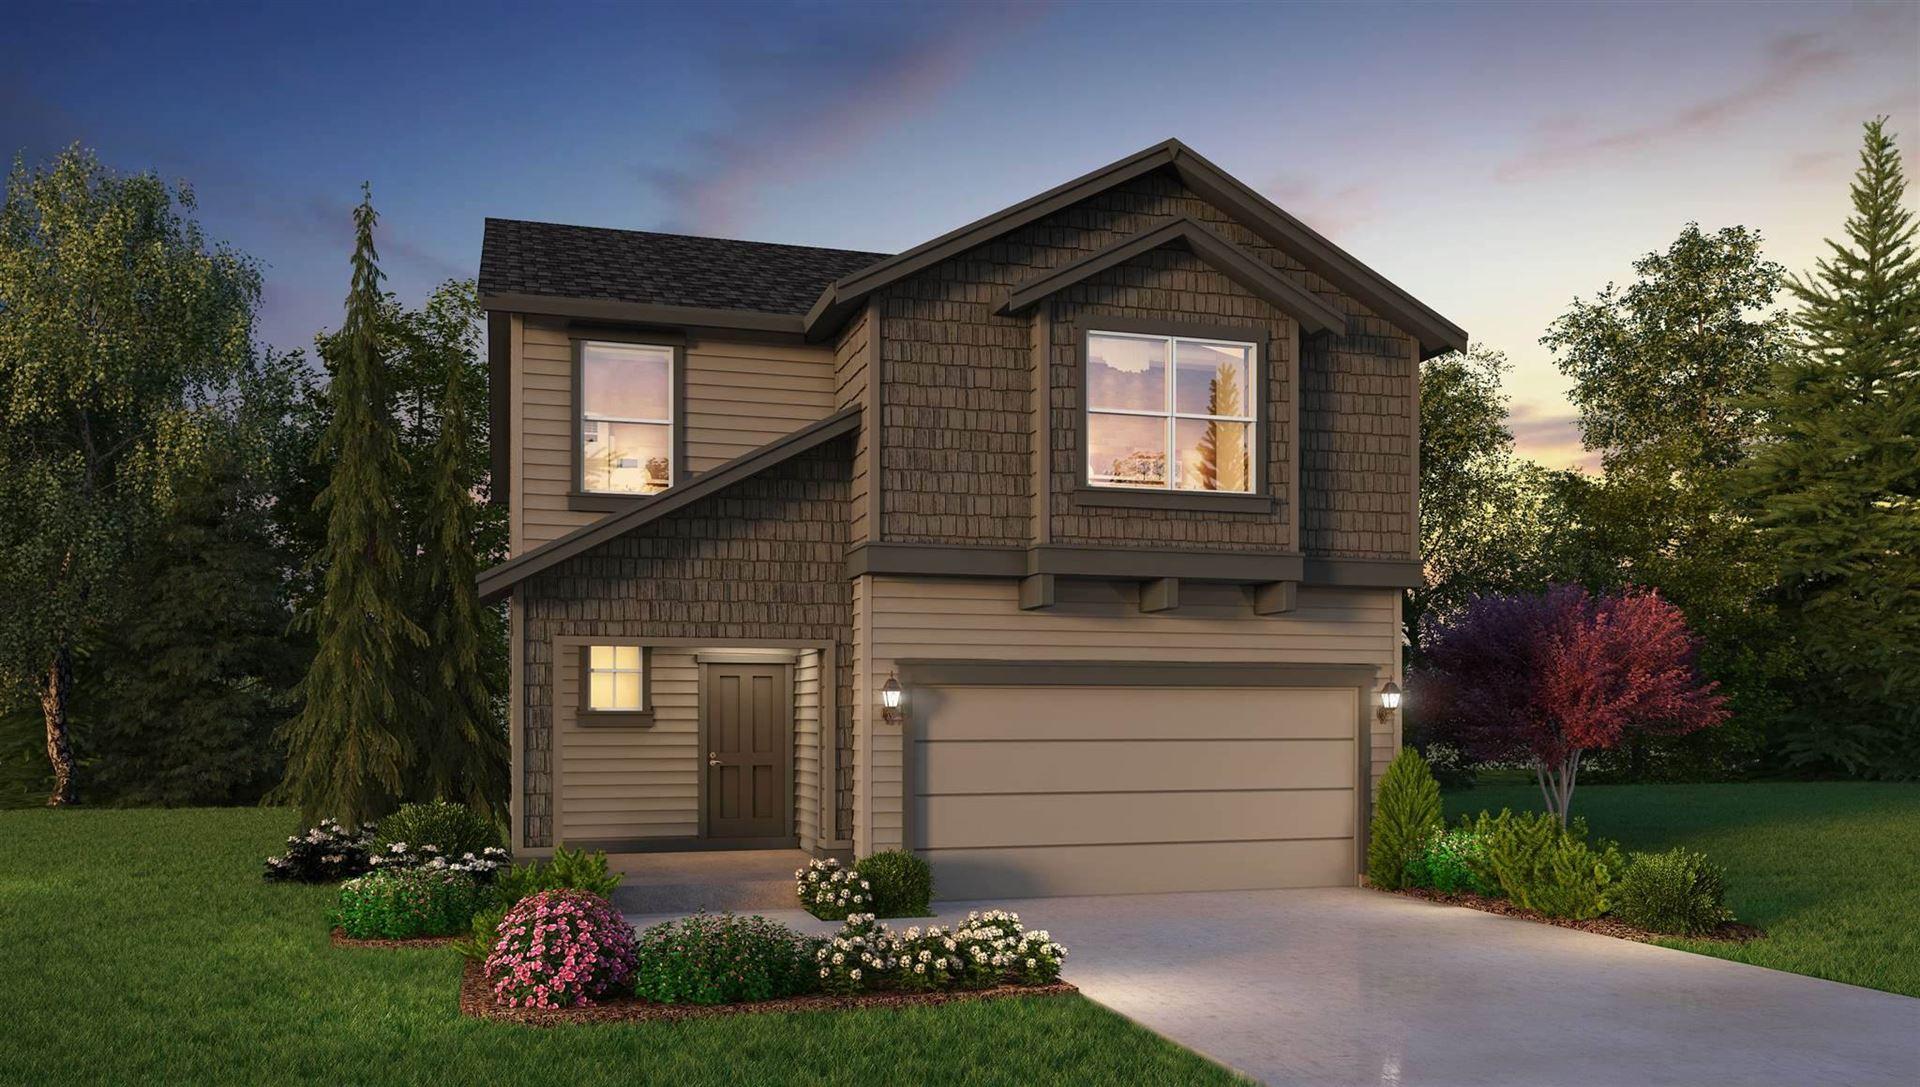 5708 W Youngstown Ln, Spokane, WA 99208 - #: 202114038